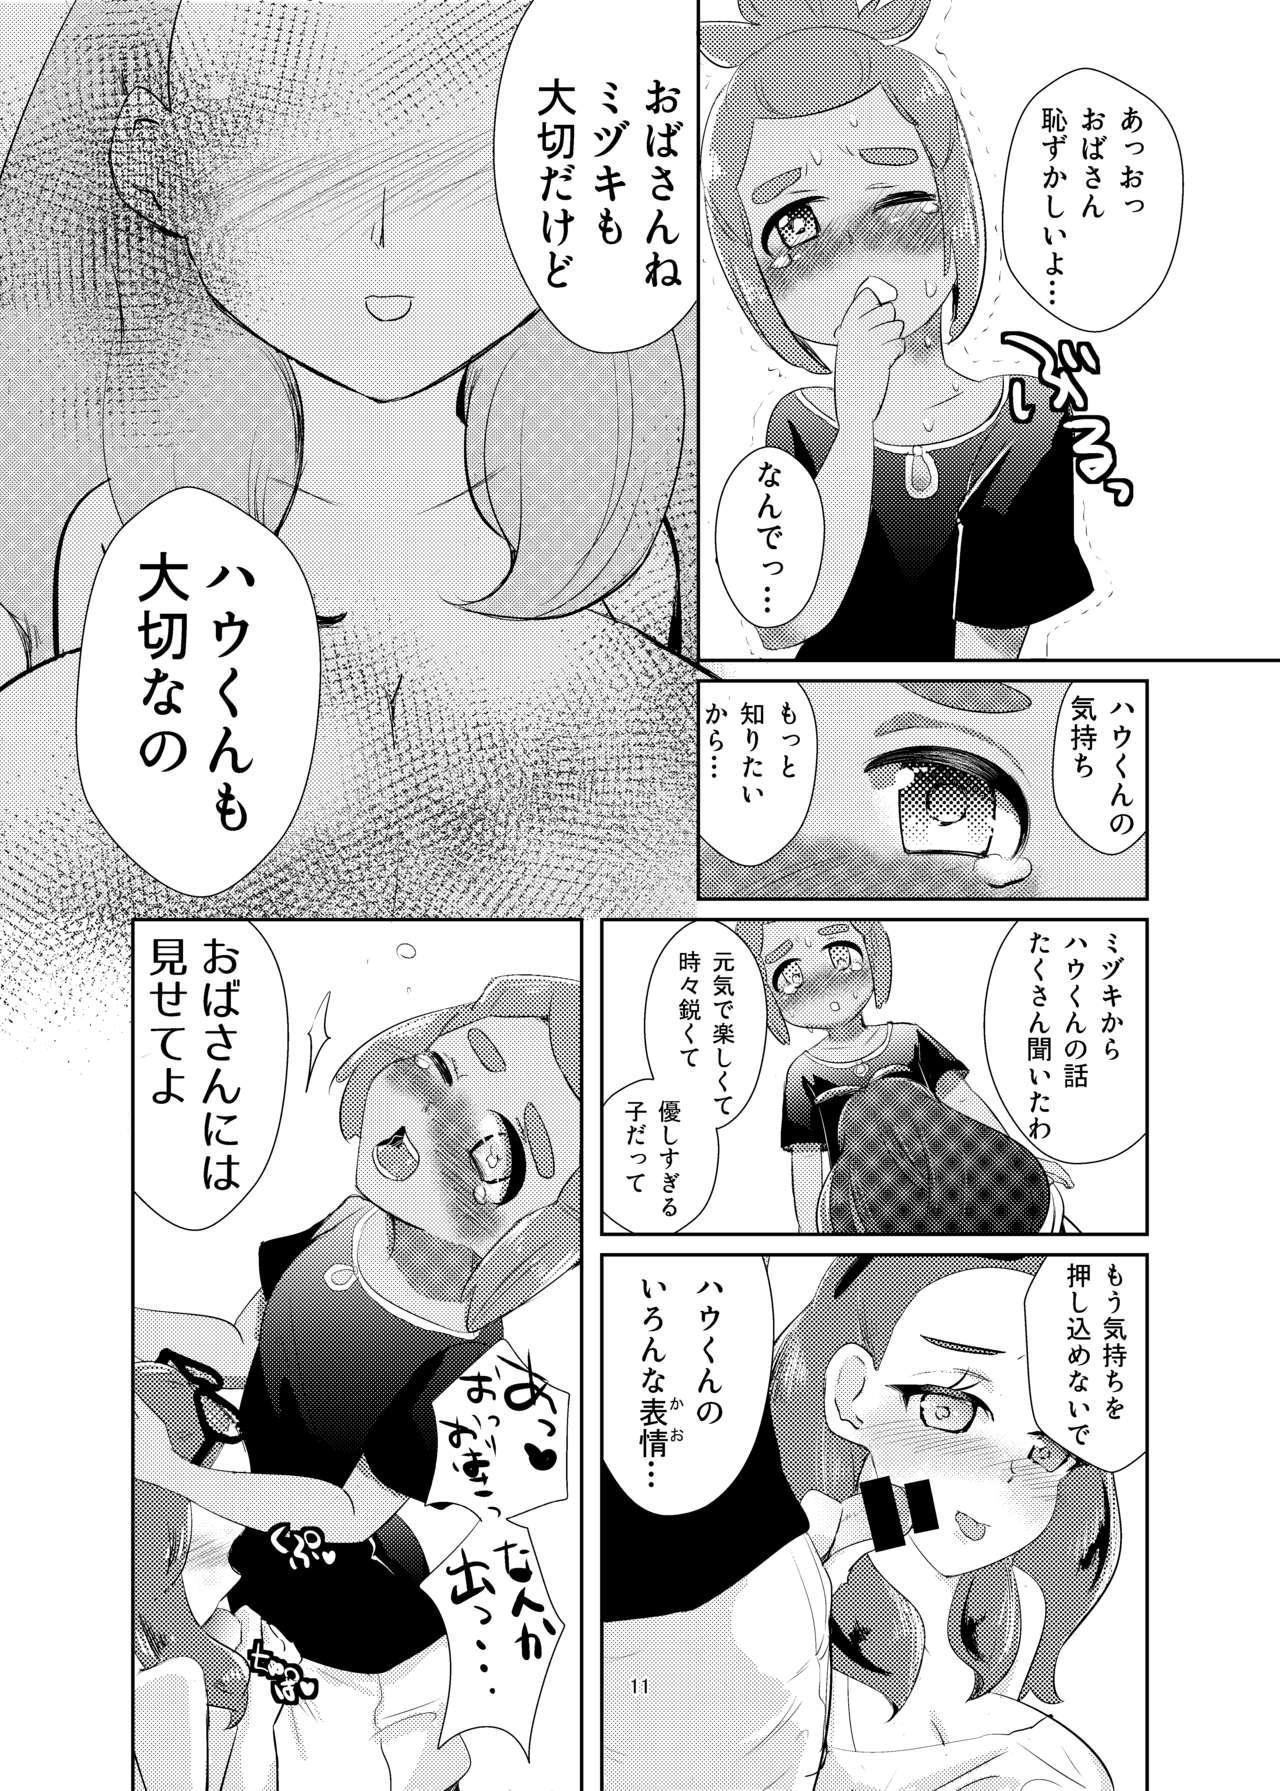 Hau-kun, Miduki yori saki ni Otona ni Nacchao 9